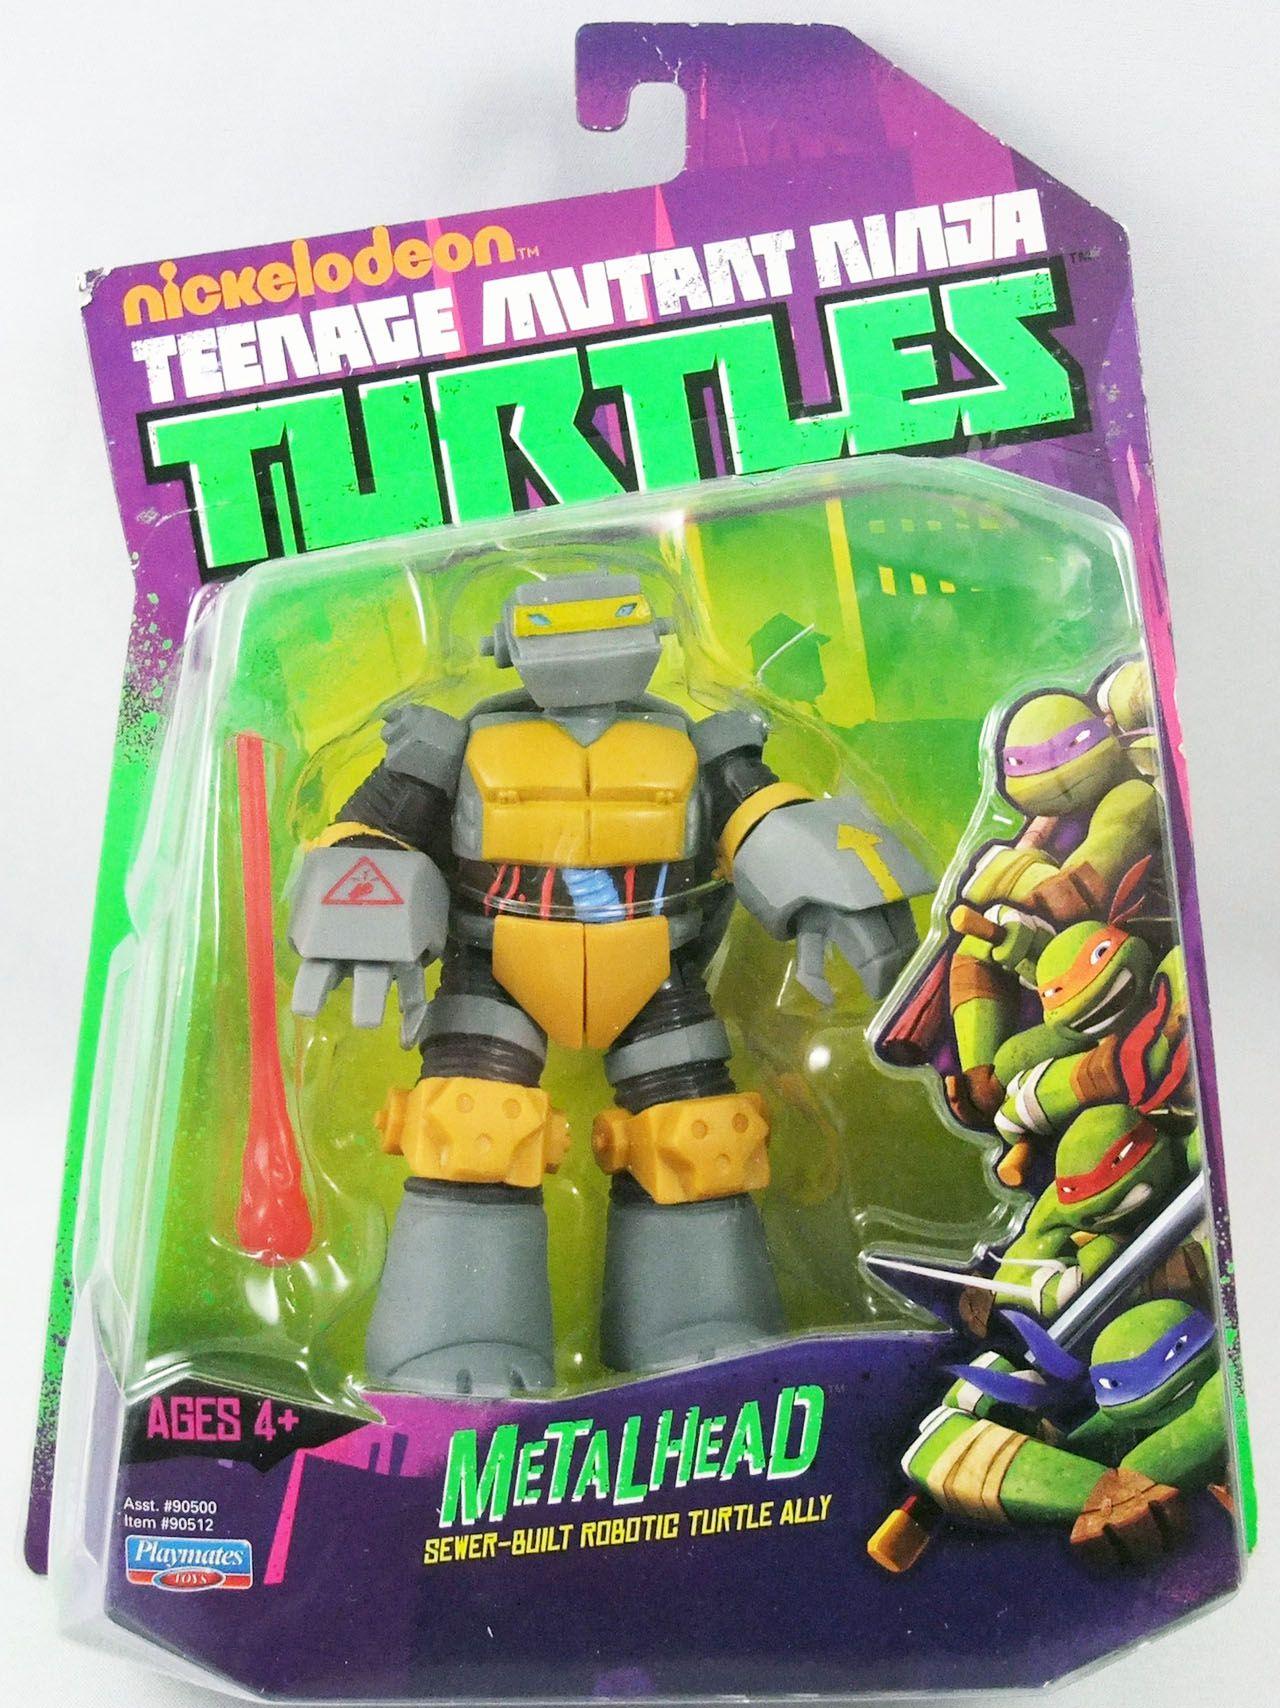 TMNT Tortues Ninja (Nickelodeon 2012) - Metalhead